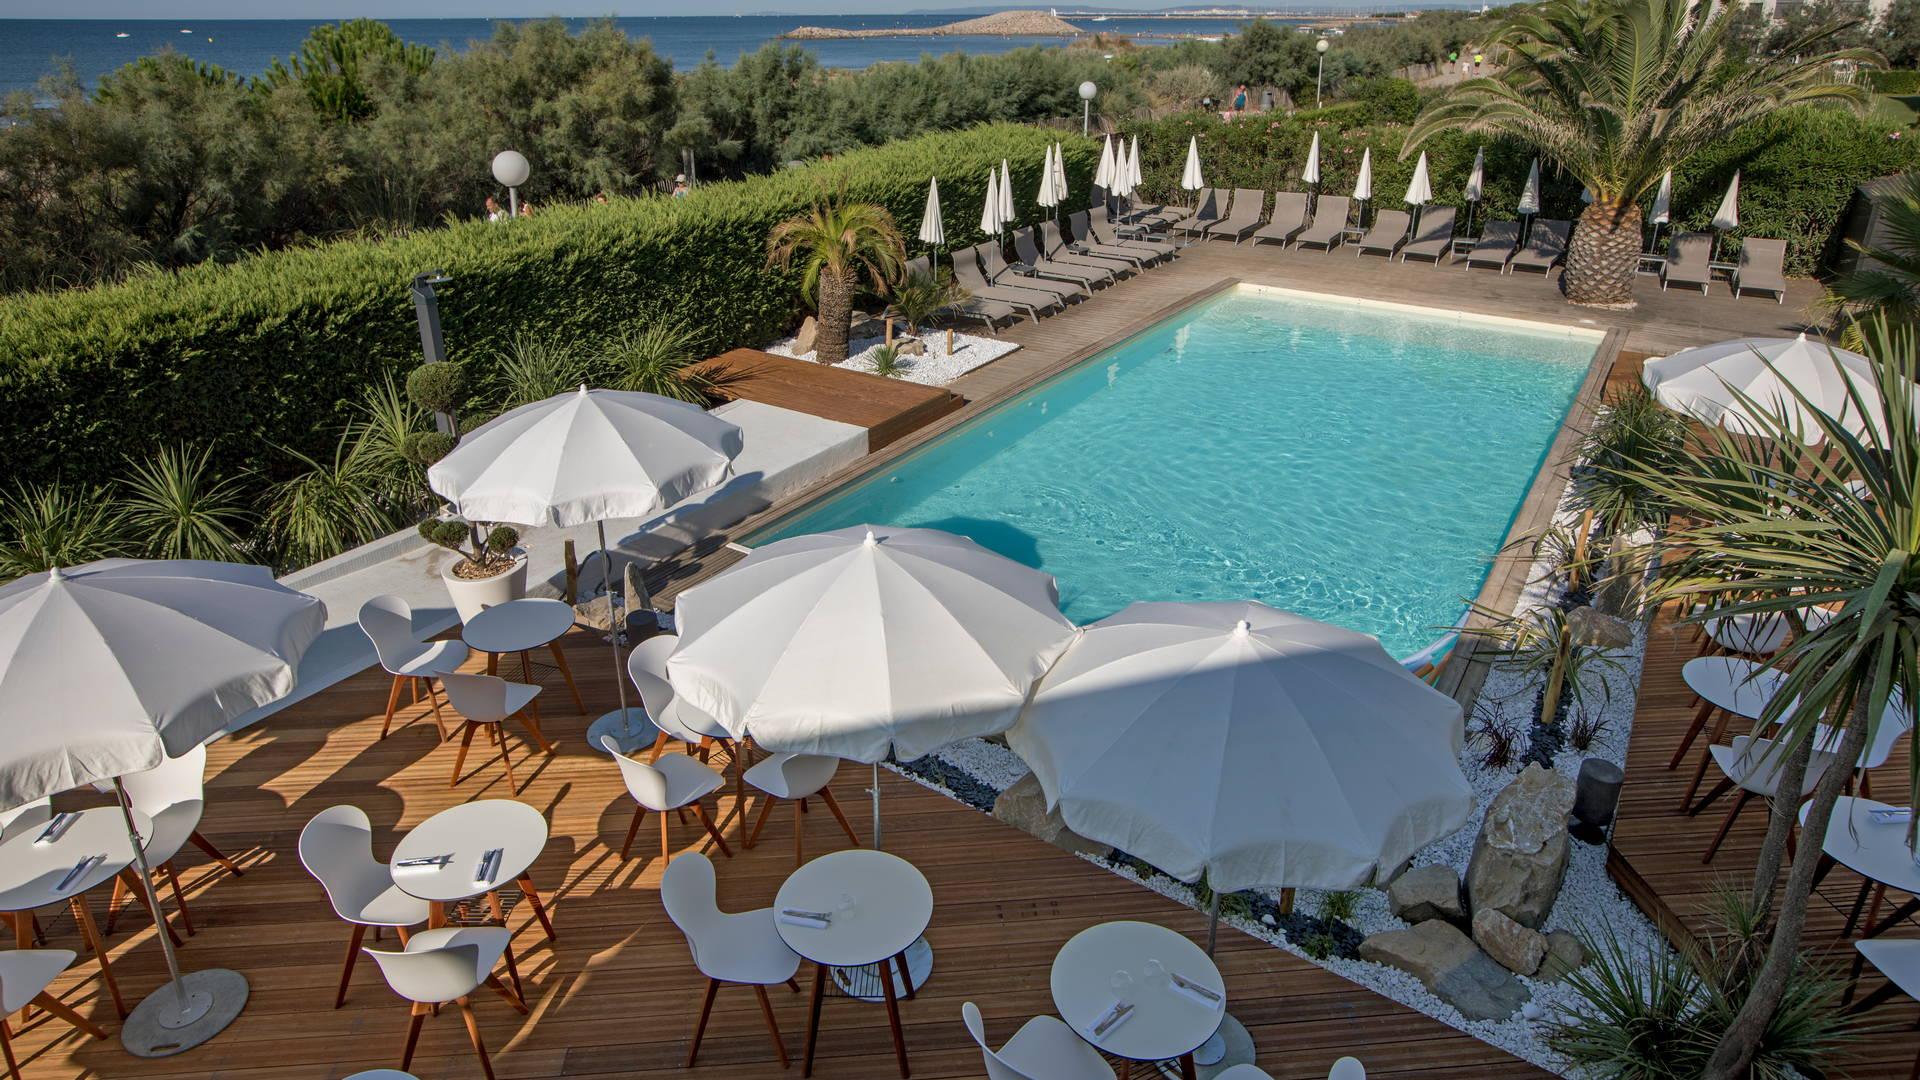 Hôtel avec piscine et terrasse au bord de la mer méditerranée, hôtel la grande motte bord de mer, Hôtel La Plage.